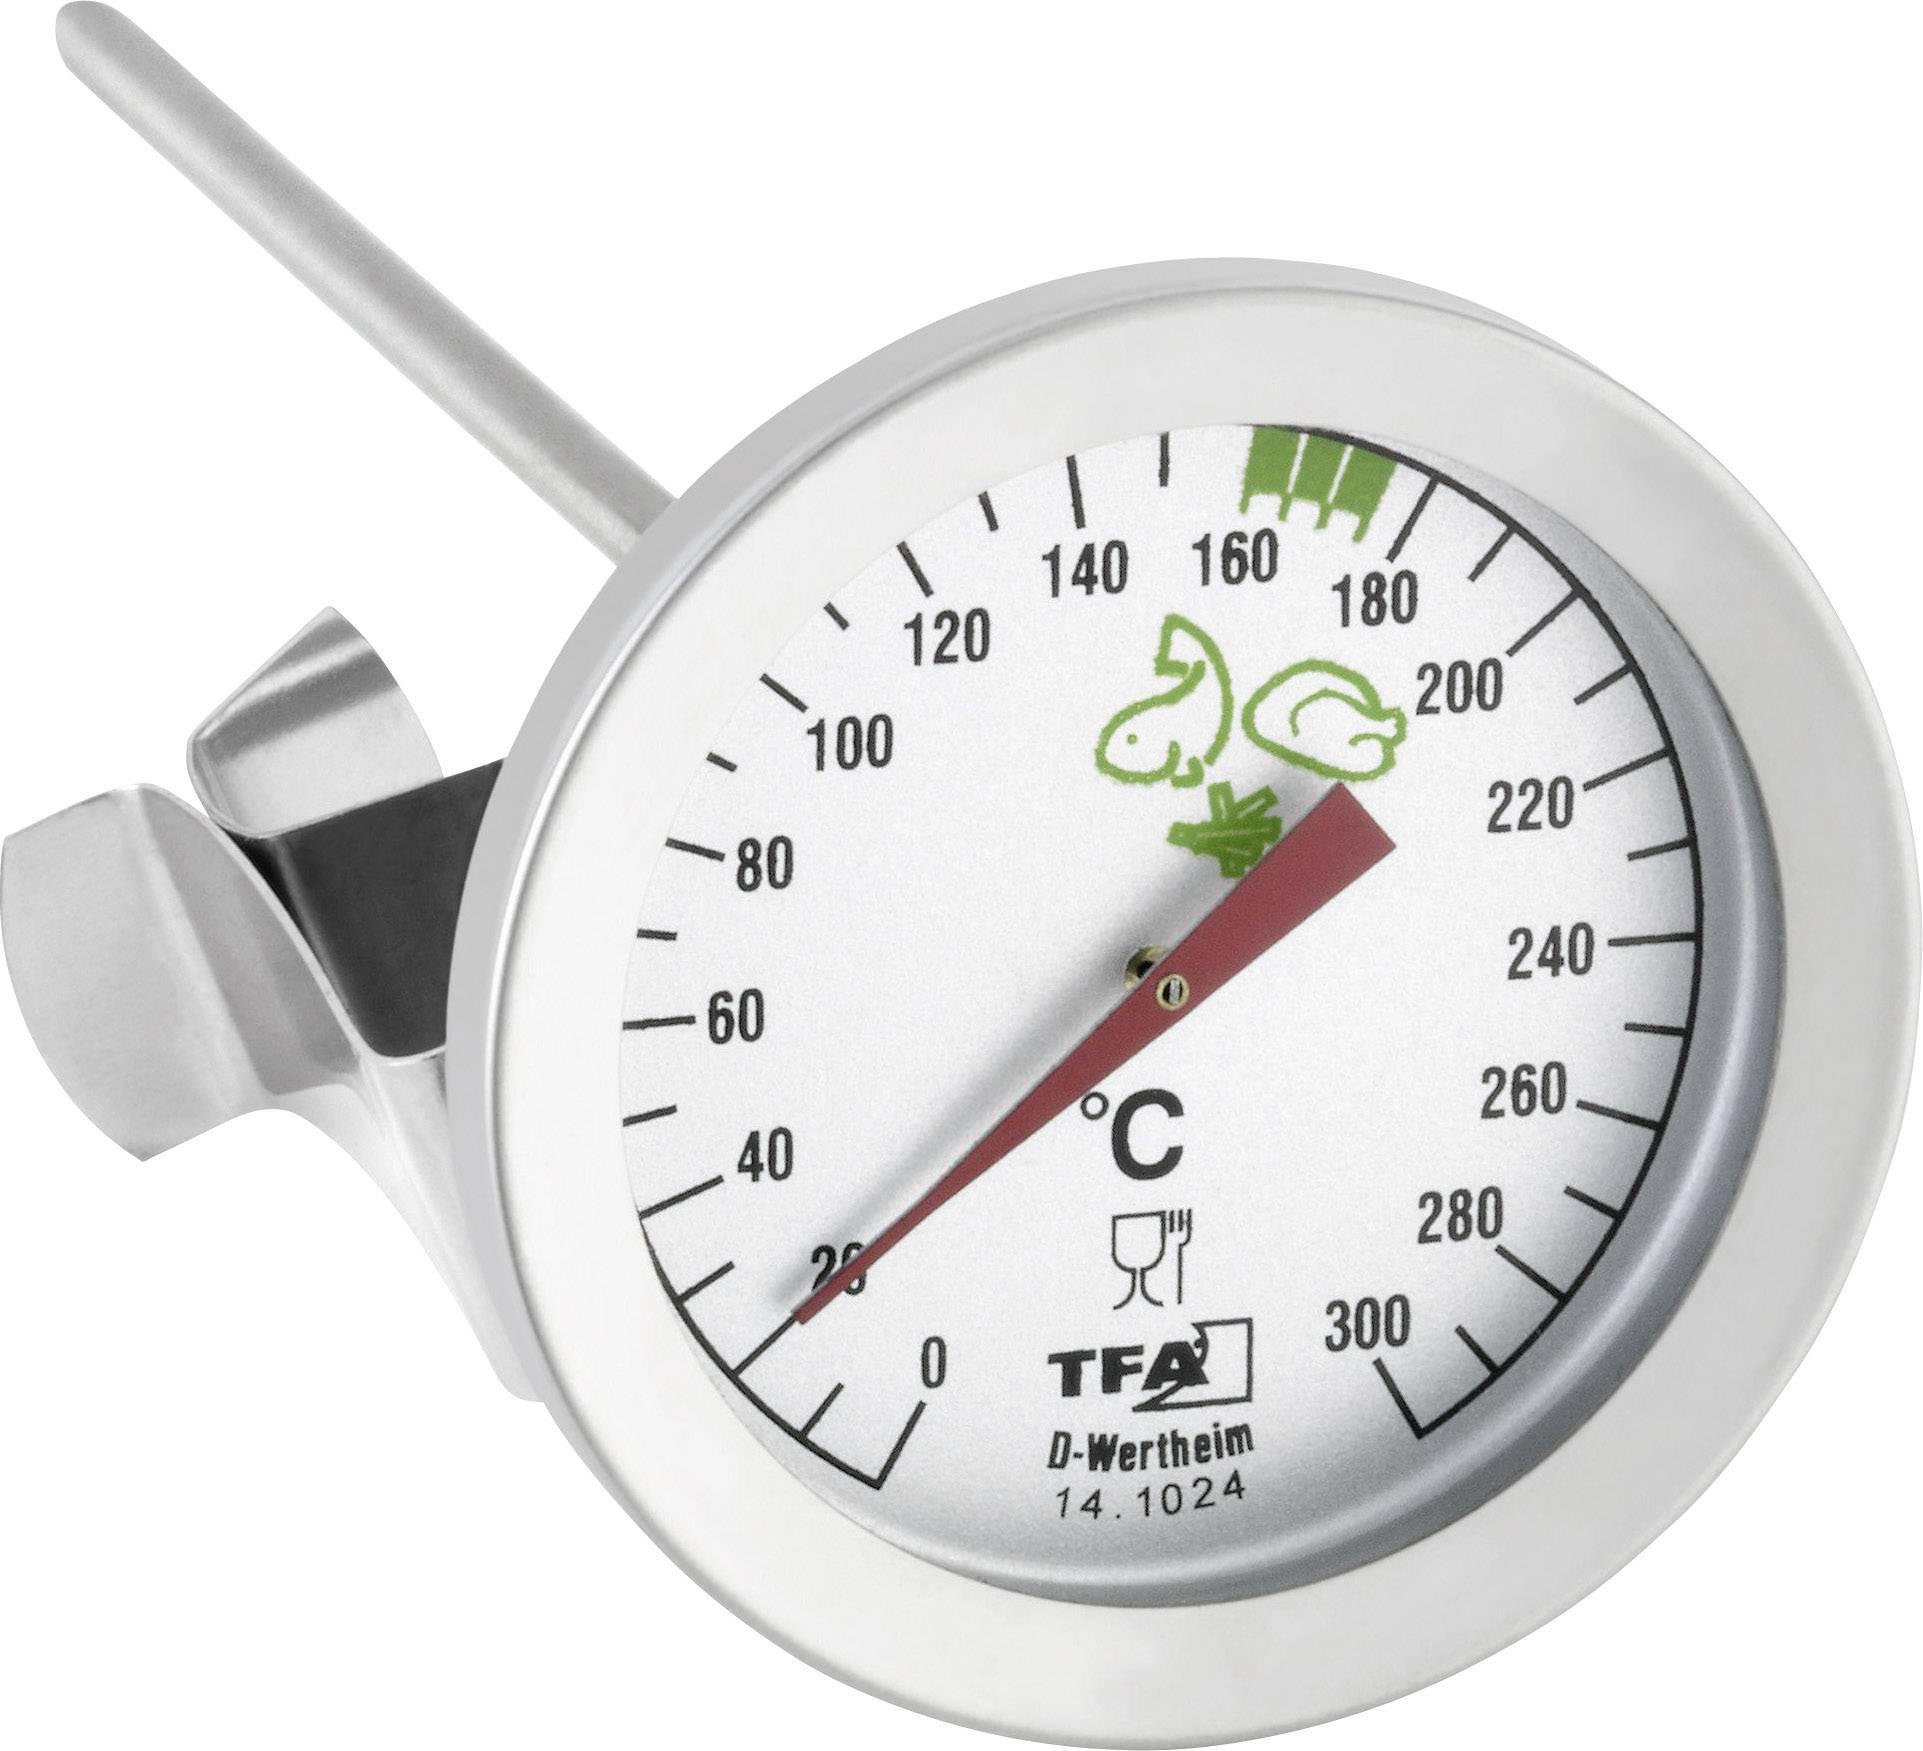 TFA Dostmann 14.1024 kuhinjski termometar    masnoća, jela na žaru, pečenje